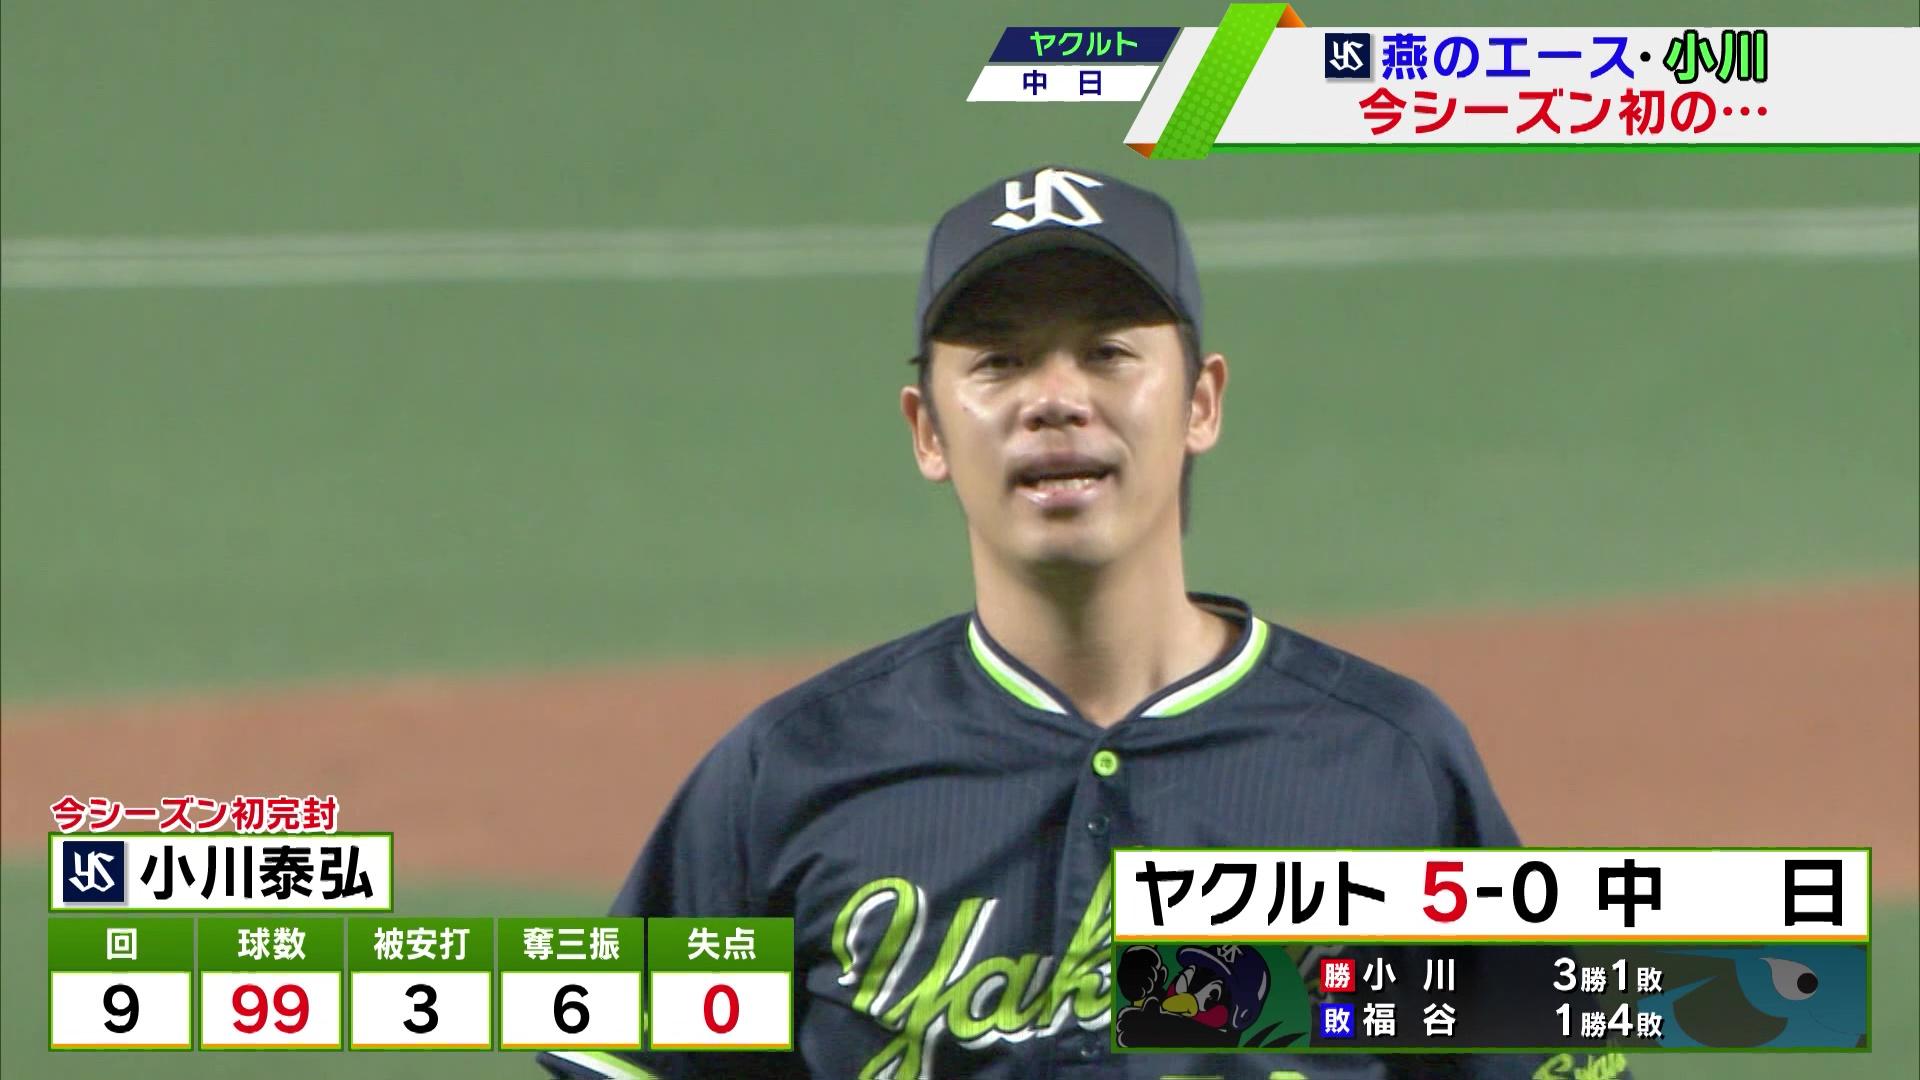 【ヤクルト】小川泰弘「99」球の無四球完封勝利!<中日 対 ヤクルト>